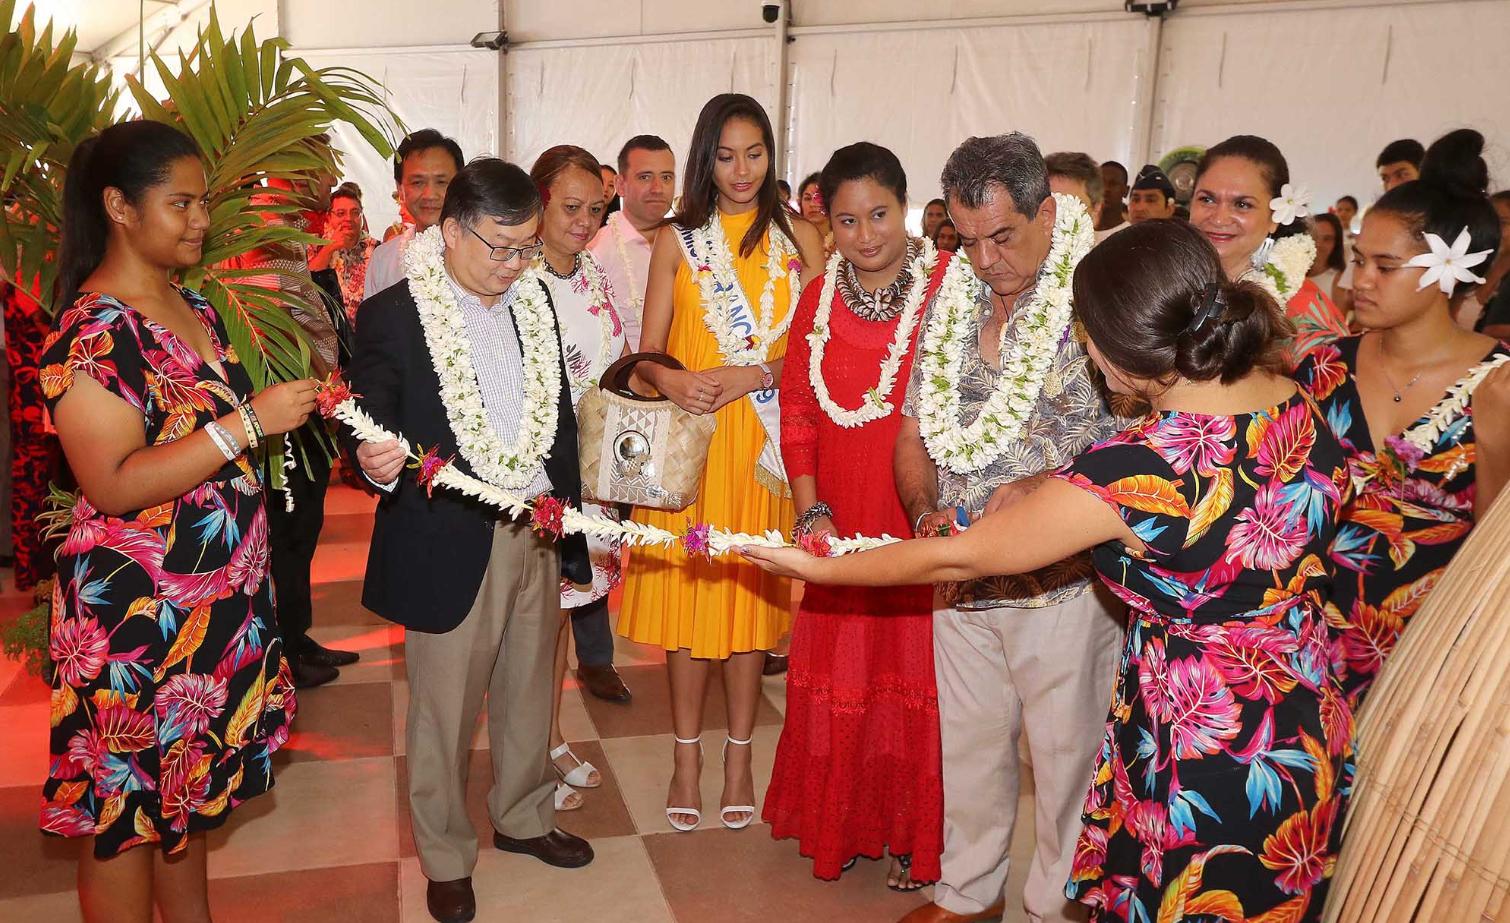 Le forum a été inauguré par le consul de Chine en Polynésie, Zhiliang Shen et le président de la Polynésie, Edouard Fritch.